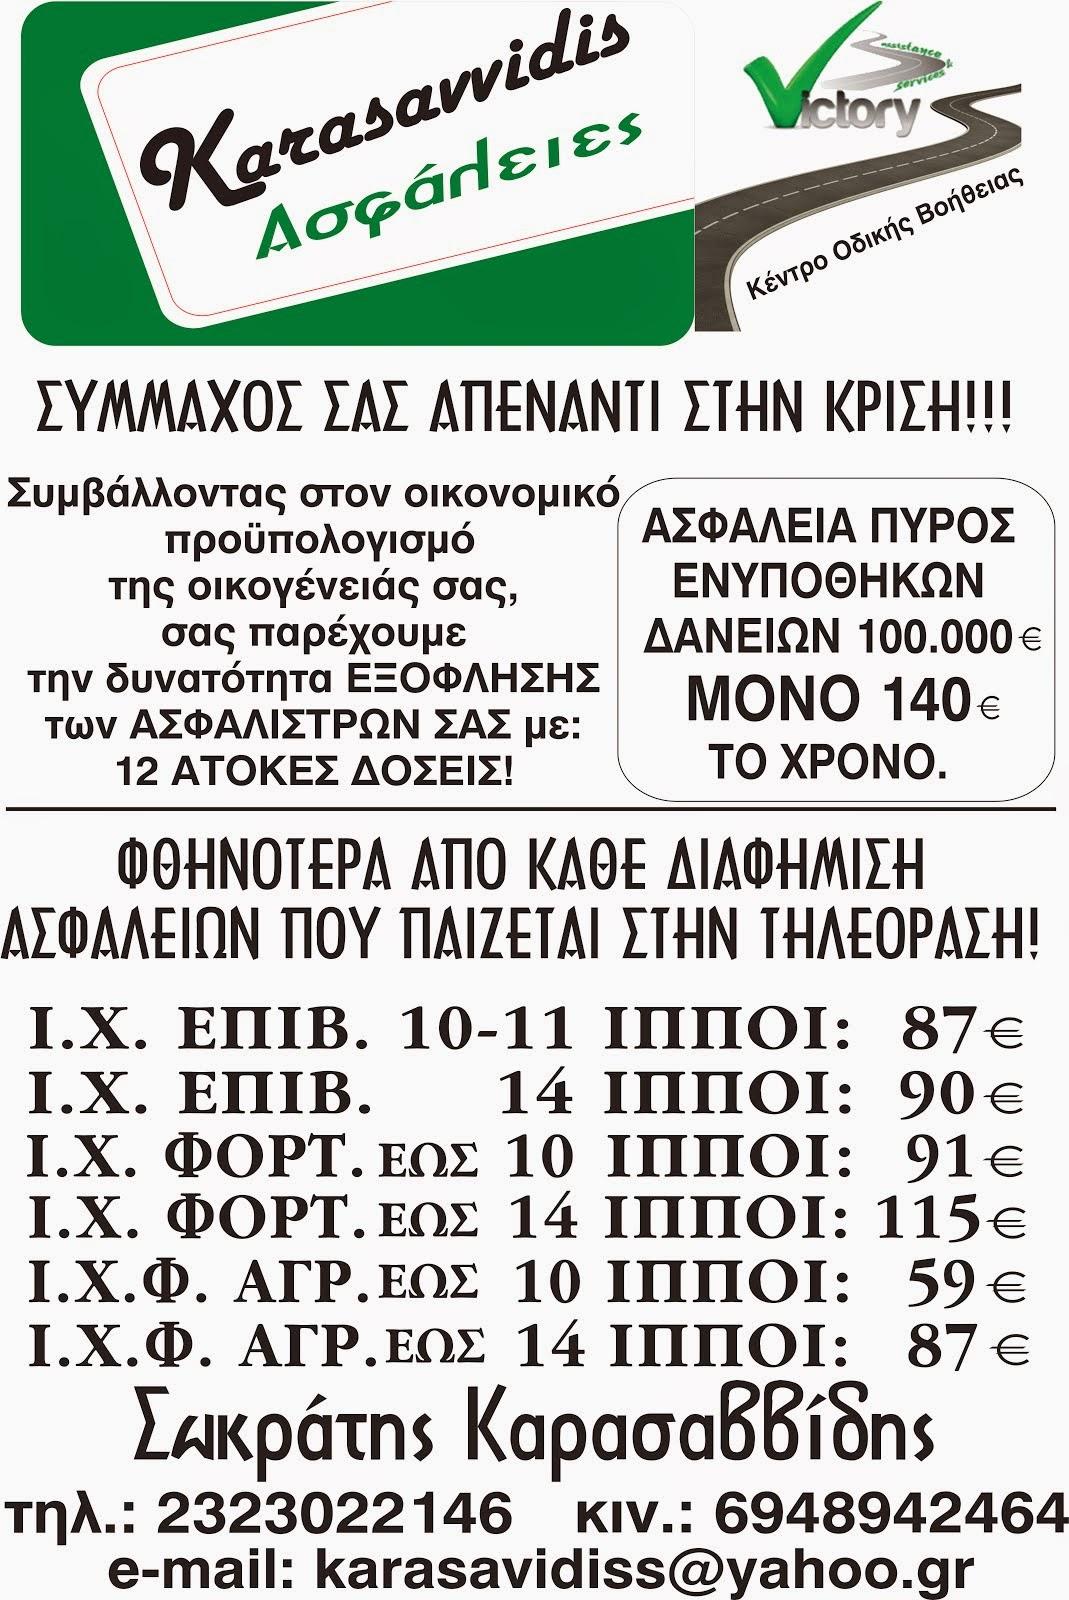 Καρασαβίδης